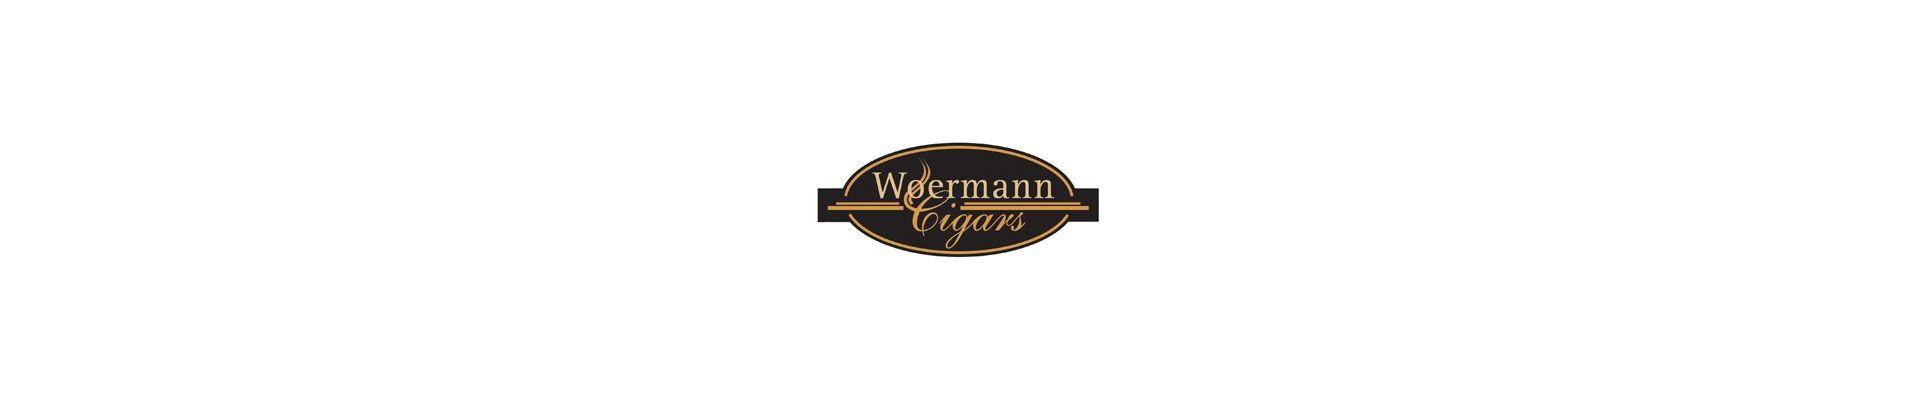 Tigari de foi Woermann gama tigari de foi cu livrare rapida din stoc.